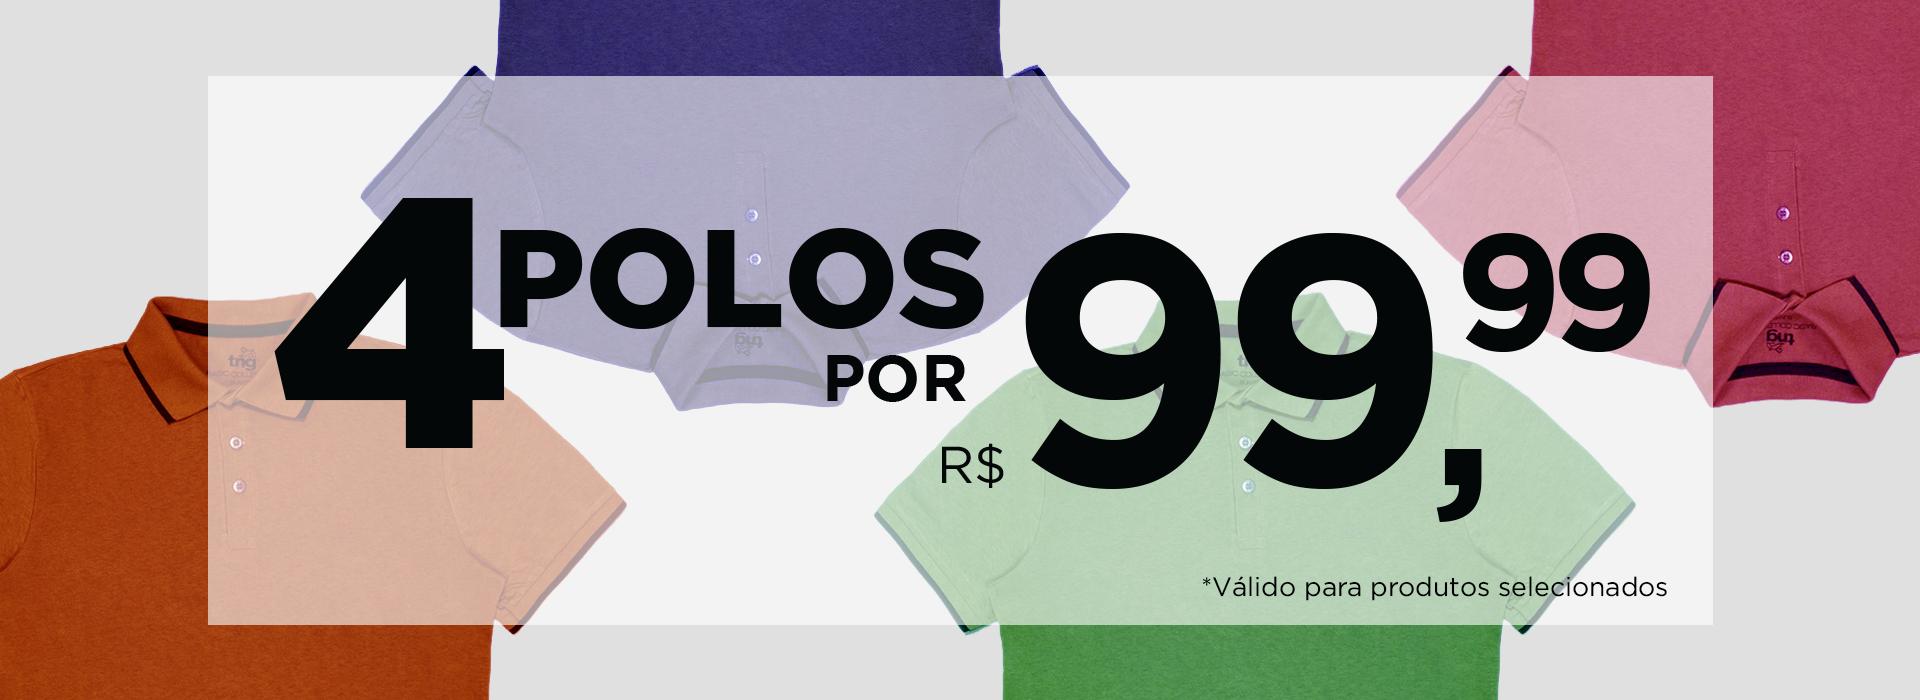 4 POLOS 99